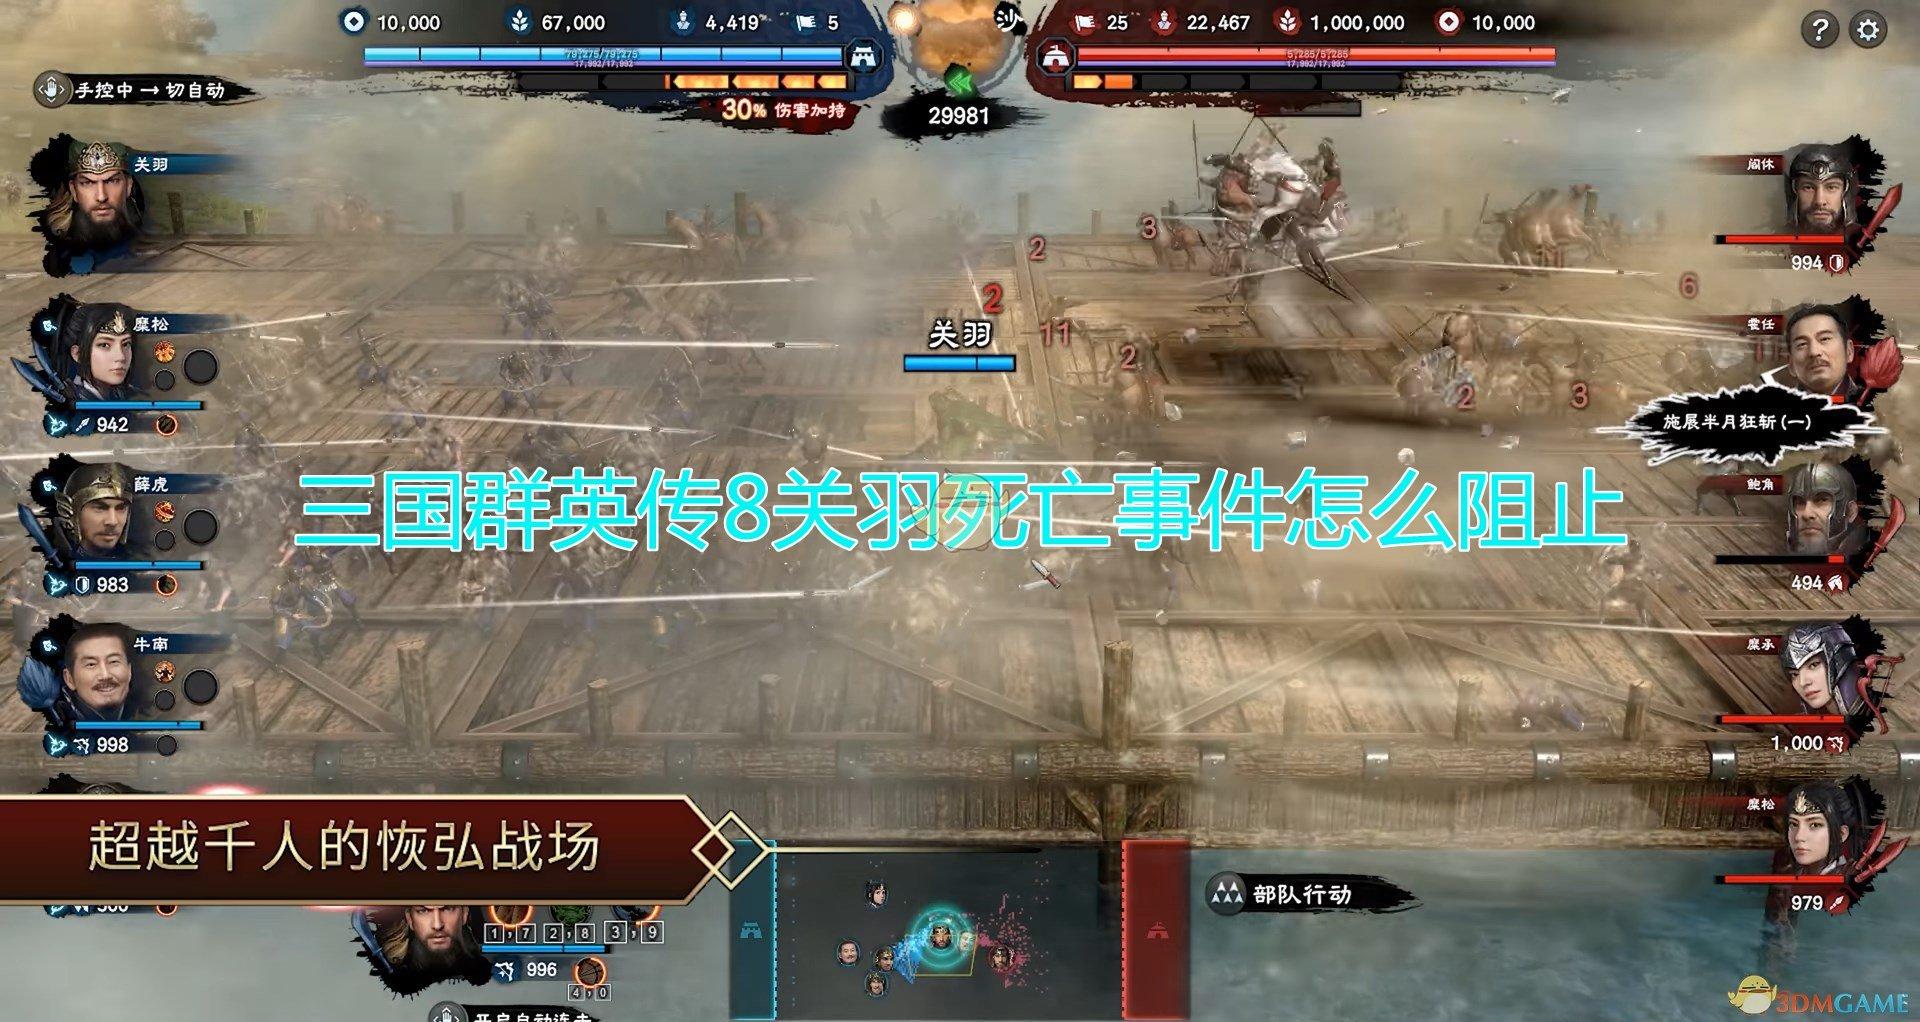 《三国群英传8》关羽死亡事件阻止方法介绍